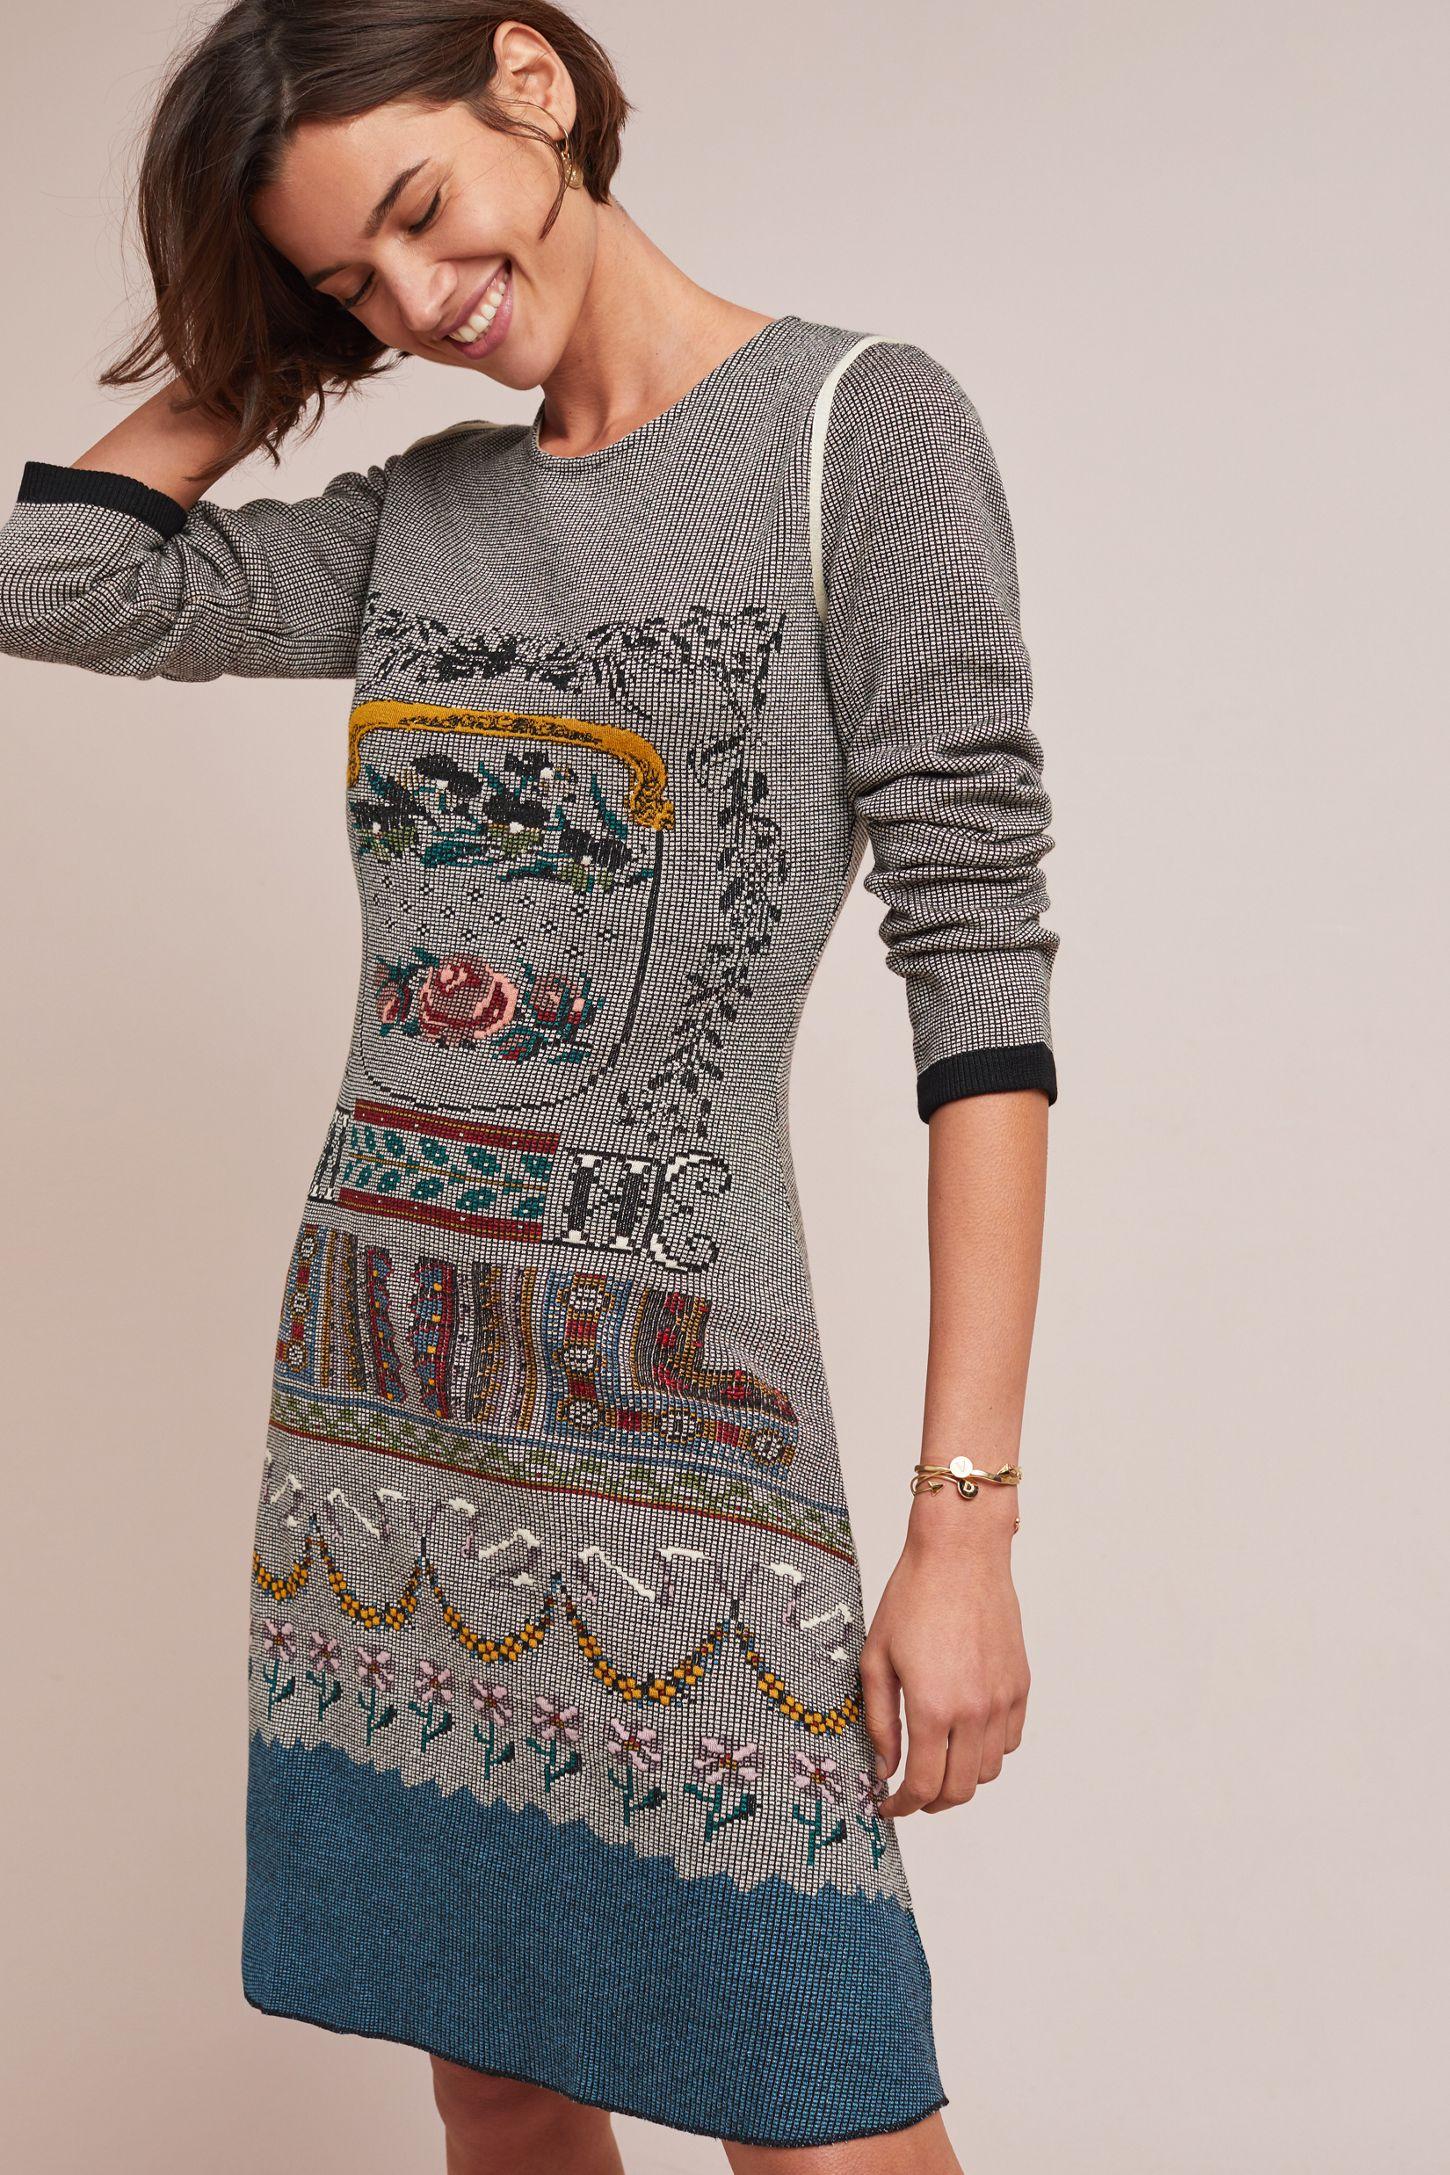 76accff36b2 Ogden Sweater Dress